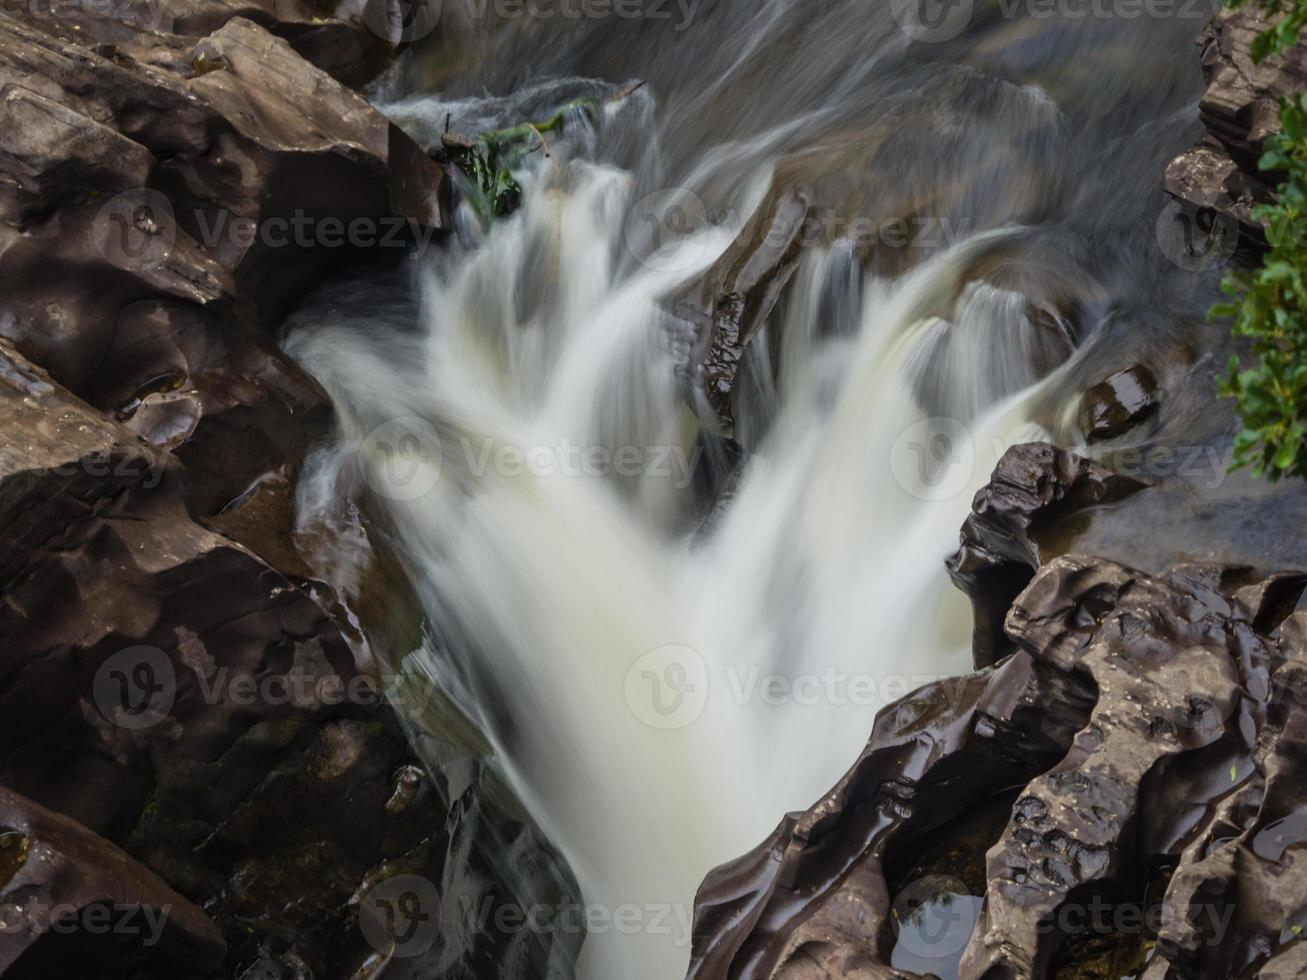 snelstromende rivier foto